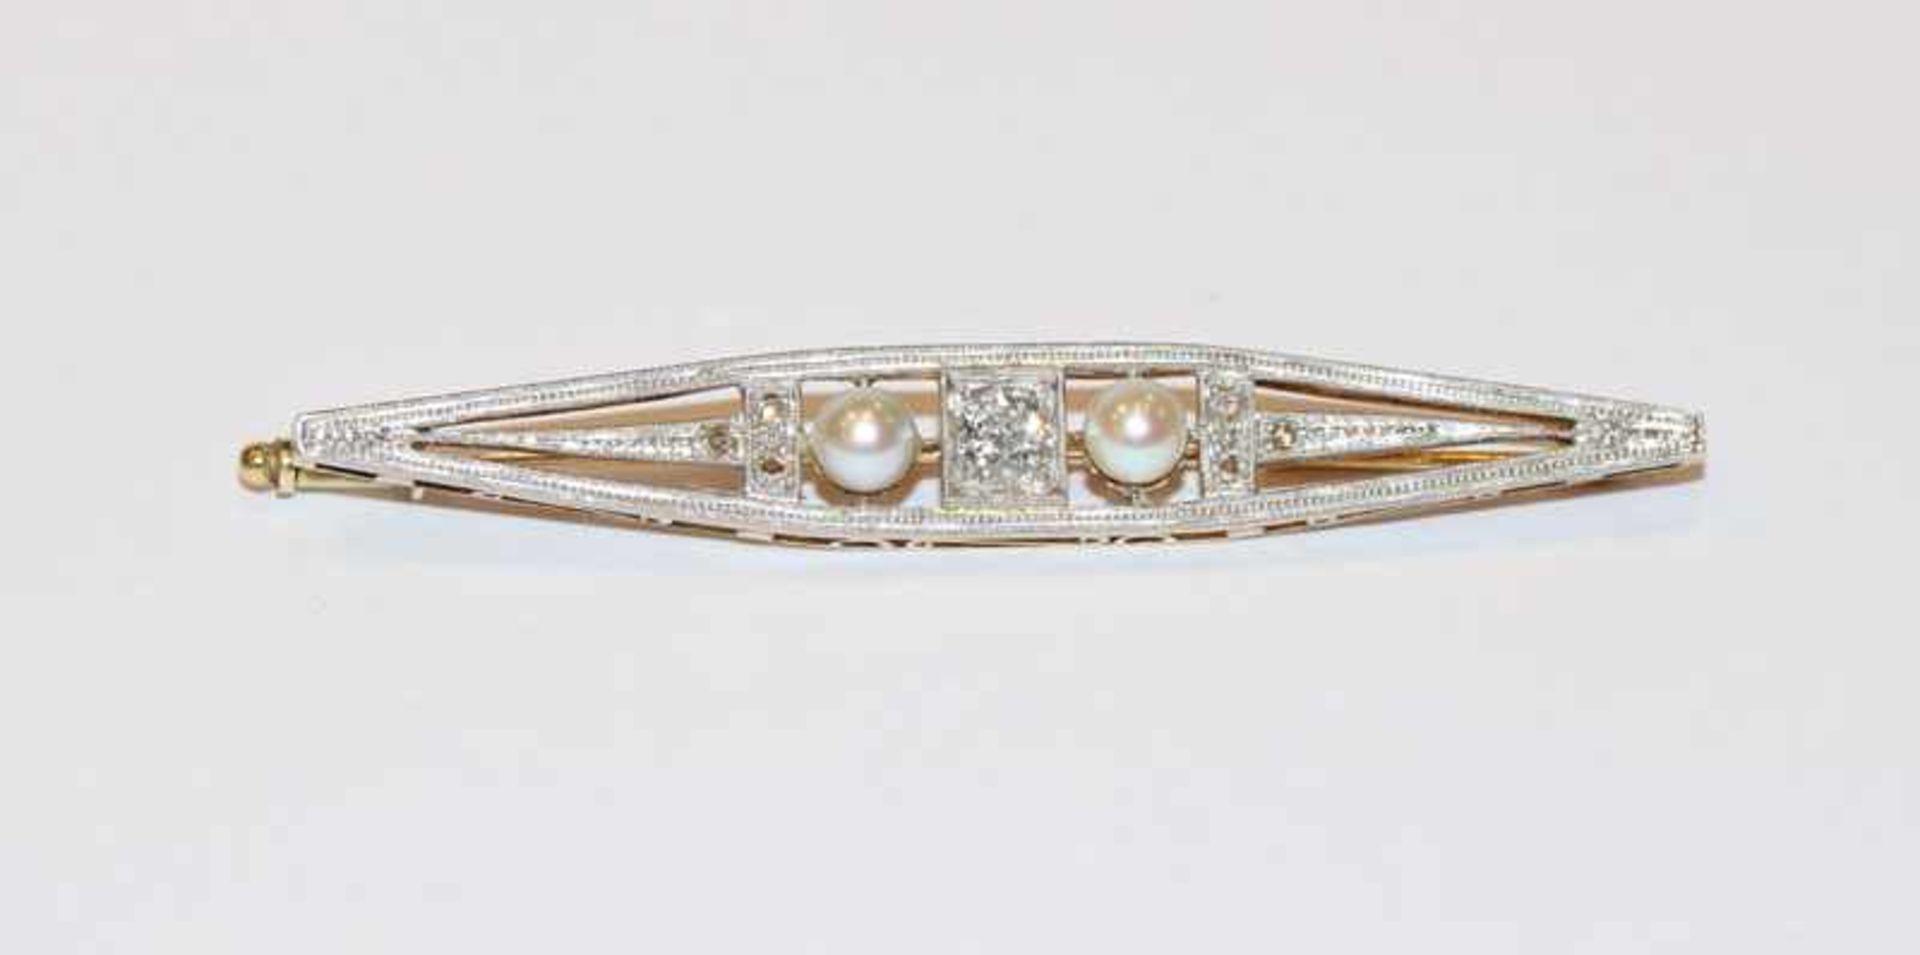 14 k Gelb- und Weißgold Nadel mit 7 Diamanten, Mittelstein ca. 0,40 ct., und 2 Perlen, klassische